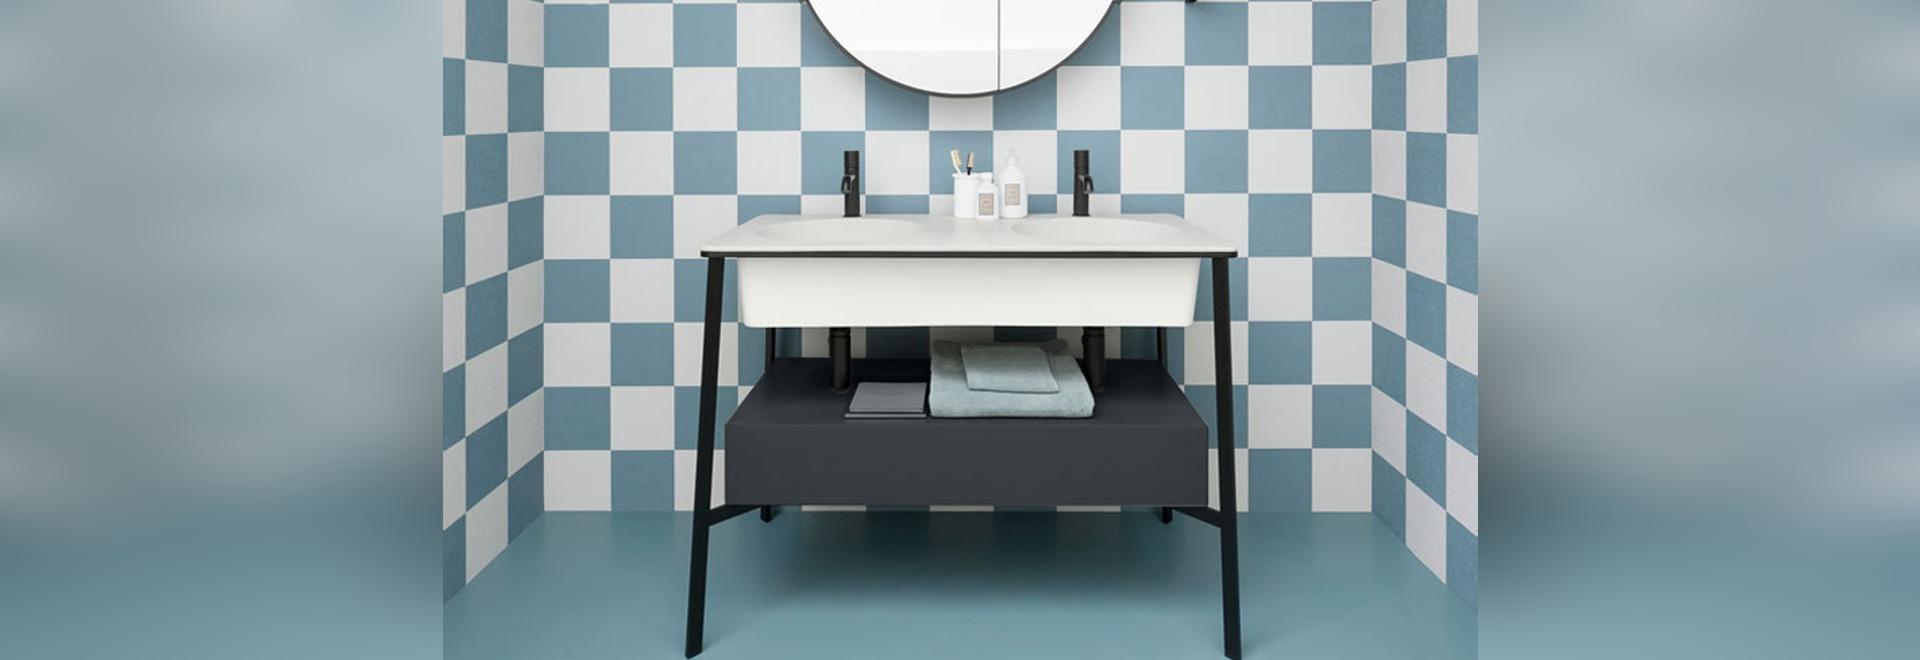 Yo diseño Andrea Parisio y Giuseppe Pezzano de la colección de Catini